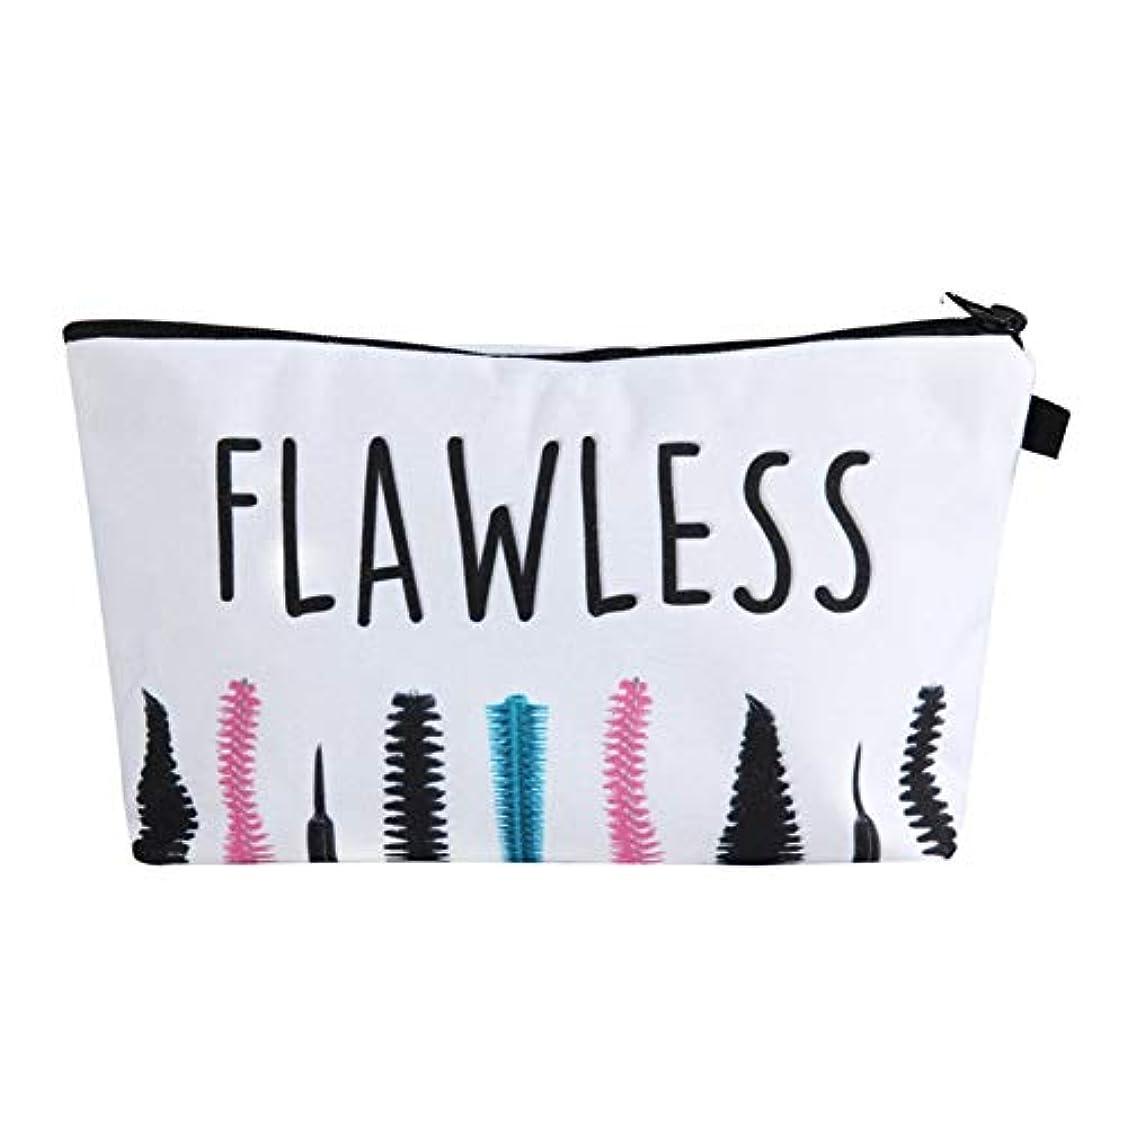 モンスター南方のリズミカルな化粧オーガナイザーバッグ ポータブル防水化粧品袋印刷トップジッパーメークアップの場合旅行 化粧品ケース (色 : 白)